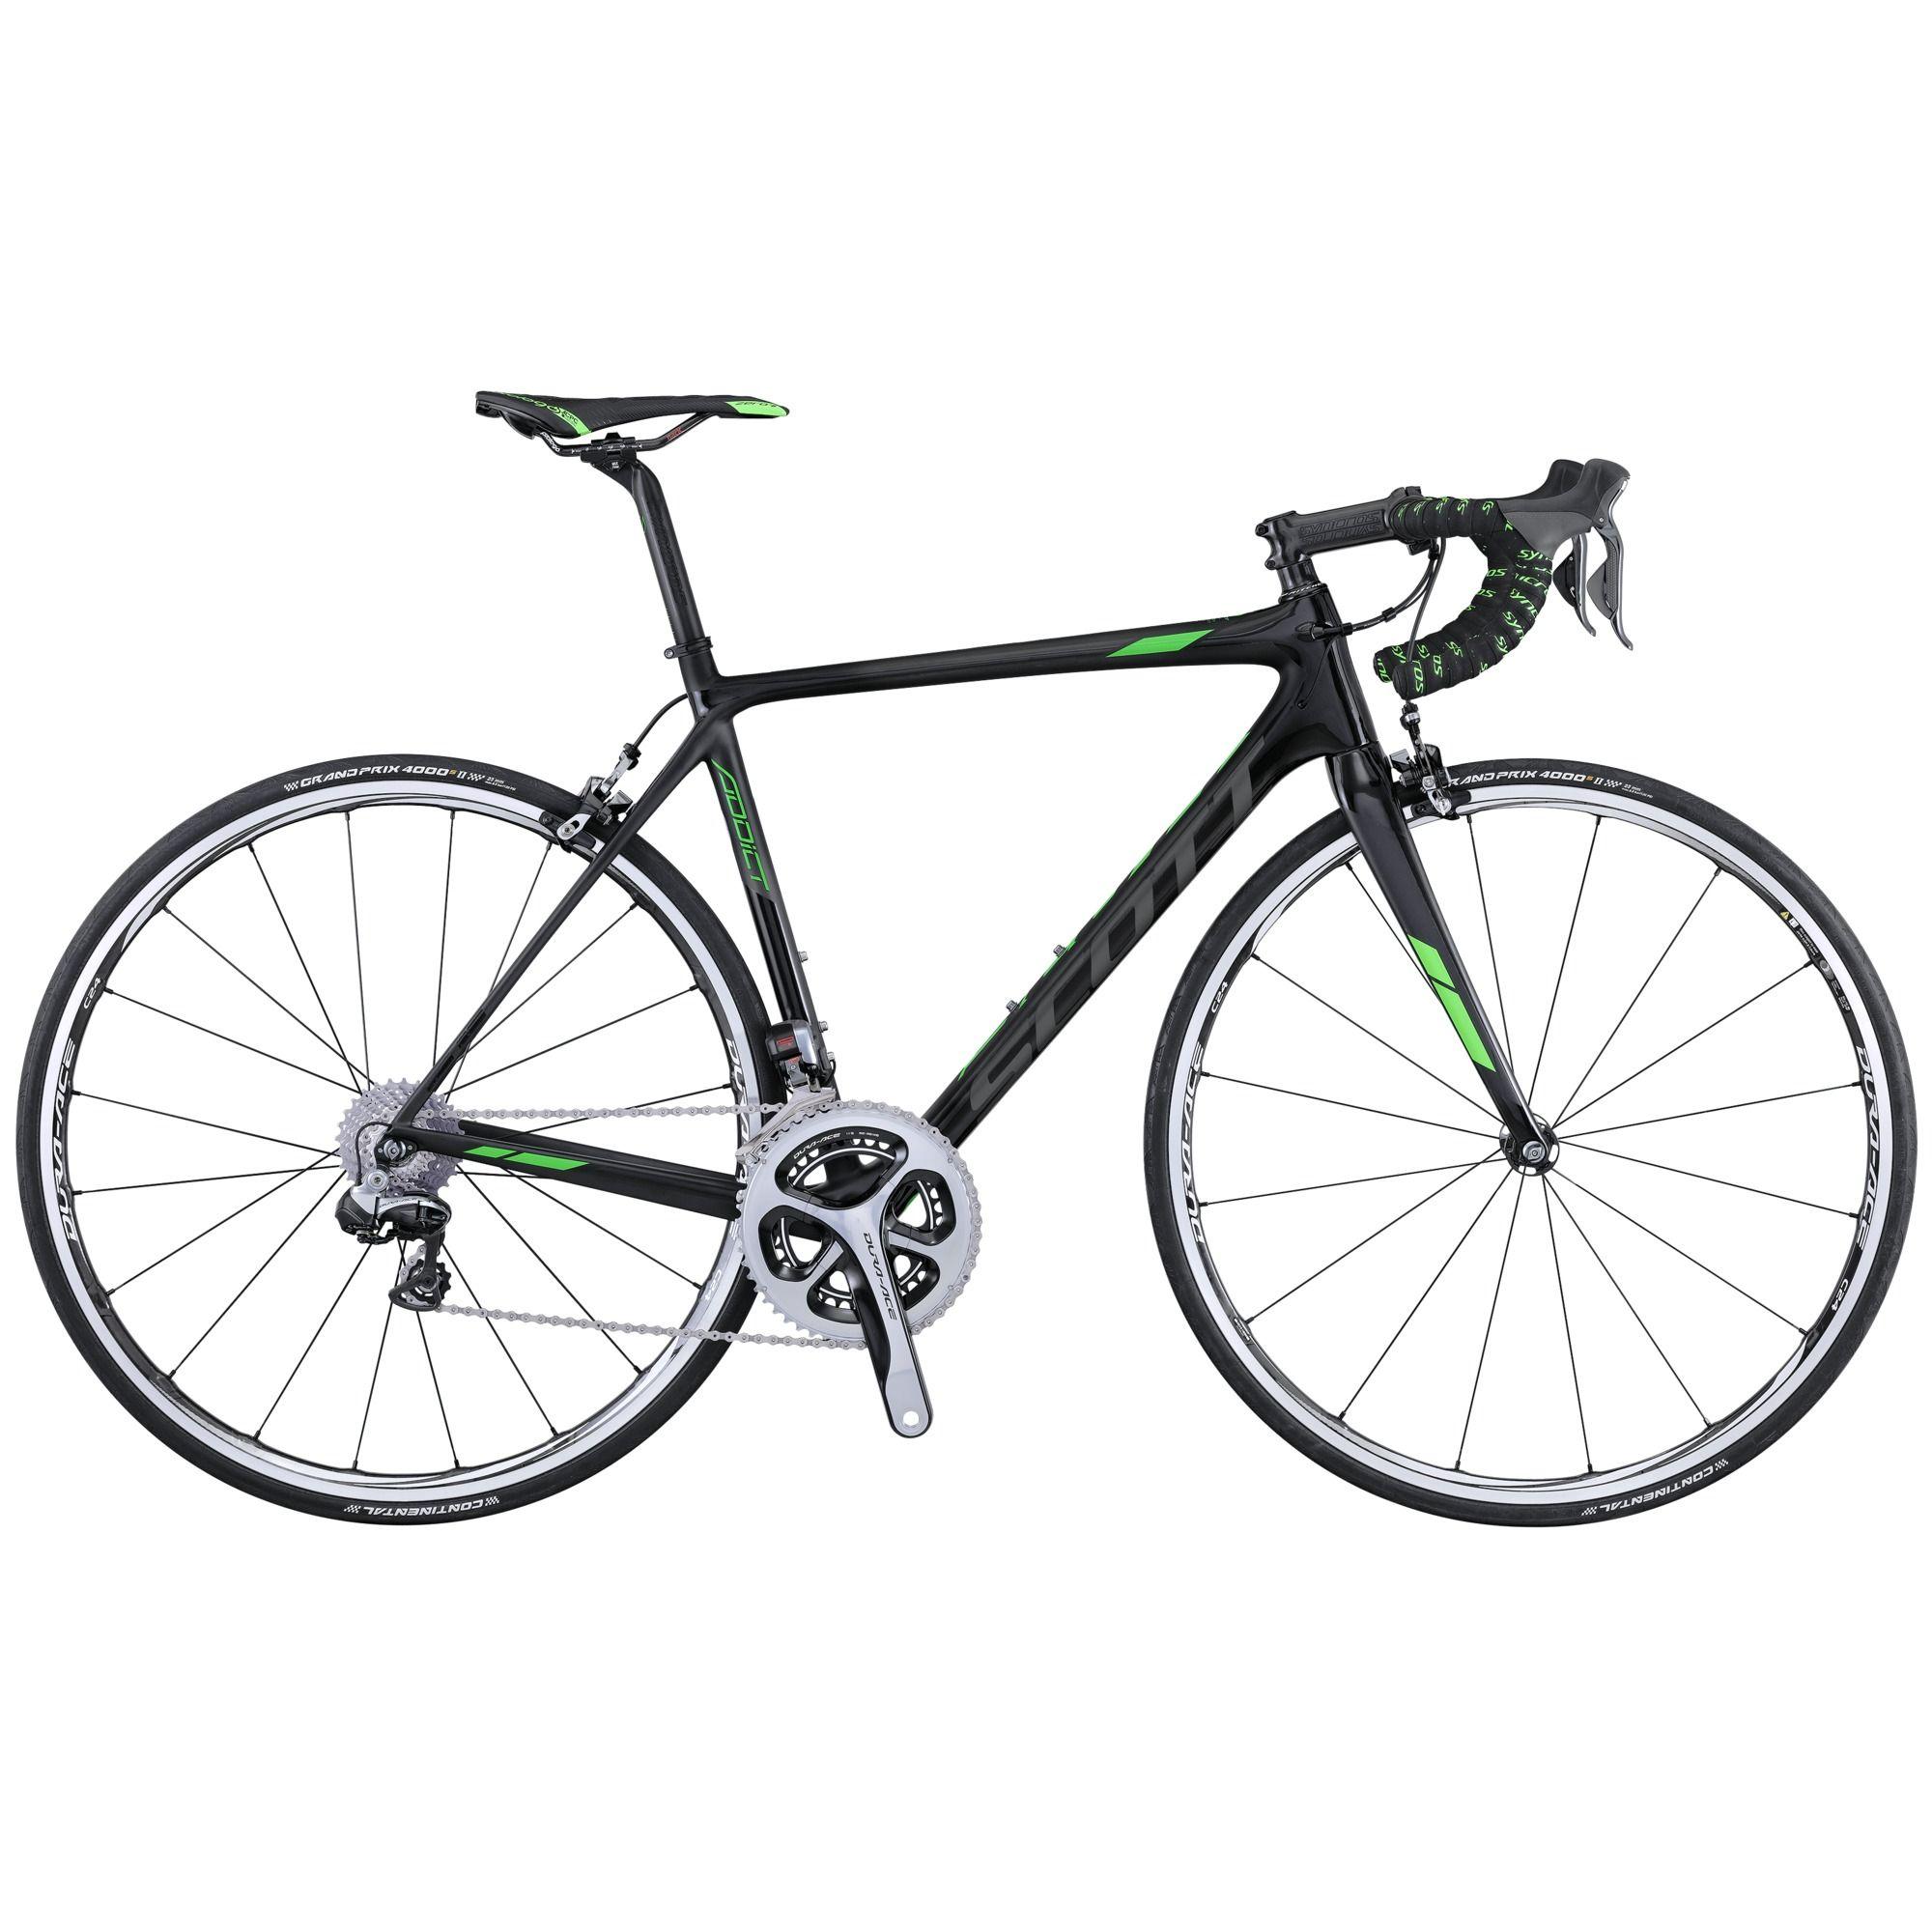 Велосипед ScottШоссейные<br><br><br>year: 2016<br>пол: мужской<br>уровень оборудования: профессиональный<br>рулевая колонка: Ritchey WCS Integrated<br>вынос: Syncros FL1.0, Carbon 1 1/8 / four Bolt 31.8 мм<br>руль: Syncros RR1.1, Carbon Anatomic 31.8 мм<br>передний тормоз: Shimano Dura-Ace BR-9000, Super SLR Dual pivot<br>задний тормоз: Shimano Dura-Ace BR-9000, Super SLR Dual pivot<br>цепь: Shimano Dura-Ace CN-HG900<br>система: Shimano Dura-Ace FC-9000, Hollowtech II, 52x36T<br>каретка: Dura Ace SM-BB92-41<br>ободья: Shimano Dura Ace WH9000 Carbon / Alloy CL24, спереди: 16H, сзади: 20H<br>передняя втулка: Shimano Dura Ace WH9000<br>задняя втулка: Shimano Dura Ace WH9000<br>спицы: Shimano Dura Ace WH9000<br>передняя покрышка: Continental Grand Prix 4000 S II, 700 х 23C<br>задняя покрышка: Continental Grand Prix 4000 S II, 700 х 23C<br>седло: Prologo Zero II CPC Carbon<br>подседельный штырь: Syncros Carbon FL1.0 ECL, Ergoptimized Comfort Layup, 27.2 х 350 мм<br>кассета: Shimano Dura Ace CS-9000, 11-28T<br>манетки: Shimano Dura-Ace ST-9070, Electronic<br>вес: 6.28 кг<br>рама: Addict HMX / IMP Superlight Carbon technology / Road Race geometry / Replaceable Dropout / STD Seattube / INT BB<br>вилка: Addict HMX 1 1/8 - 1 1/4 Carbon steerer, Integrated Carbon Dropout<br>цвет: чёрный<br>размер рамы: 20.5&amp;amp;quot;<br>материал рамы: карбон<br>тип тормозов: ободной<br>передний переключатель: Shimano Dura-Ace FD-9070, Eletronic<br>задний переключатель: Shimano Dura-Ace RD-9070, 22 Speed Electronic<br>количество скоростей: 22